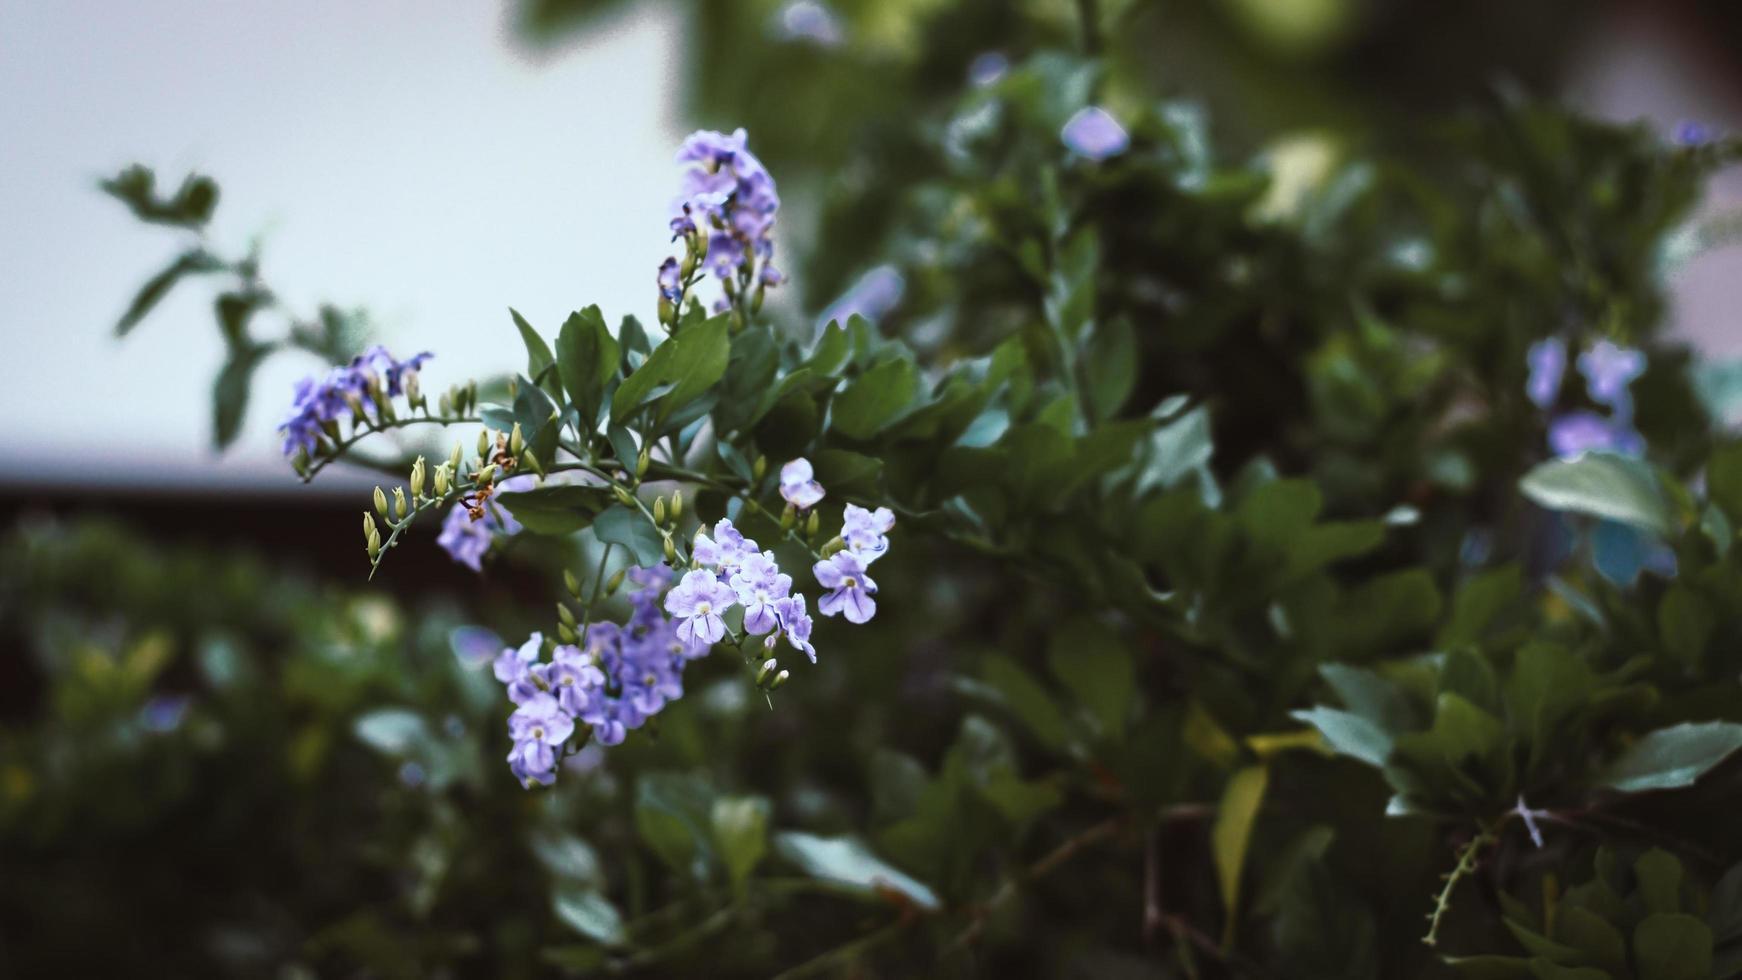 paarse bloemen op een boom foto